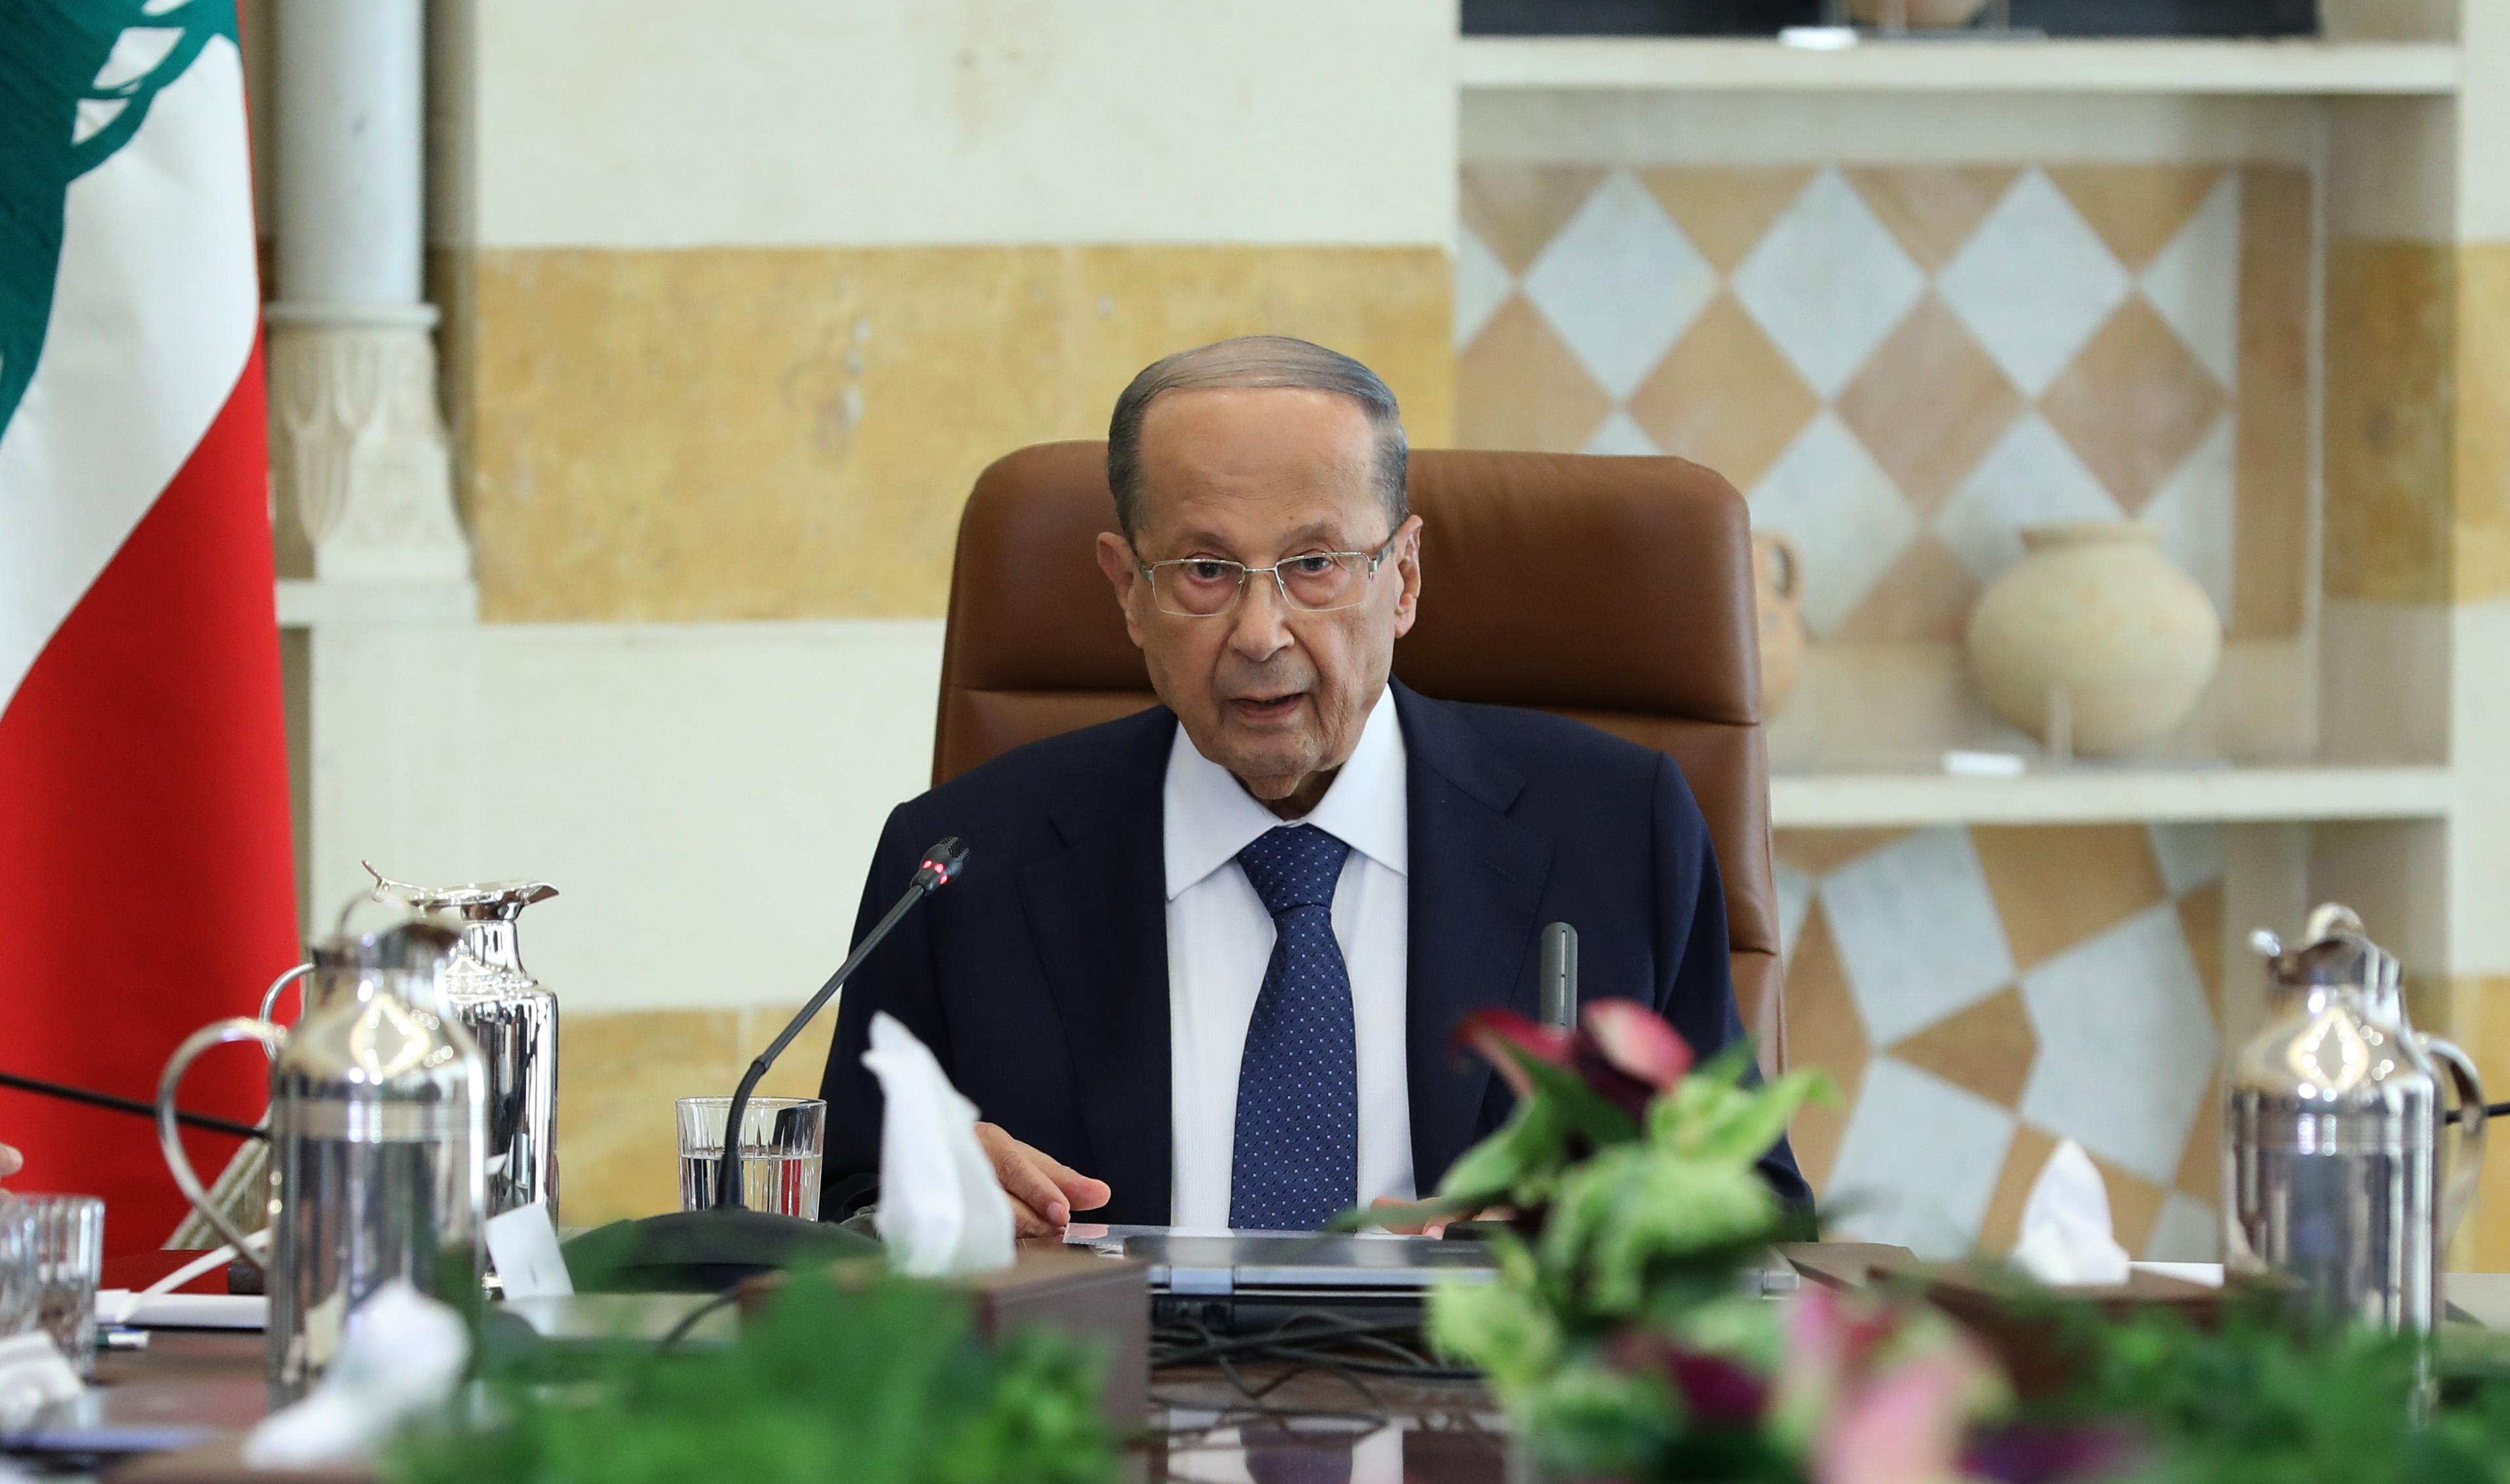 Le chef de l'état lors du Sommet Economique de Baabda. Crédit Photo: Dalati & Nohra